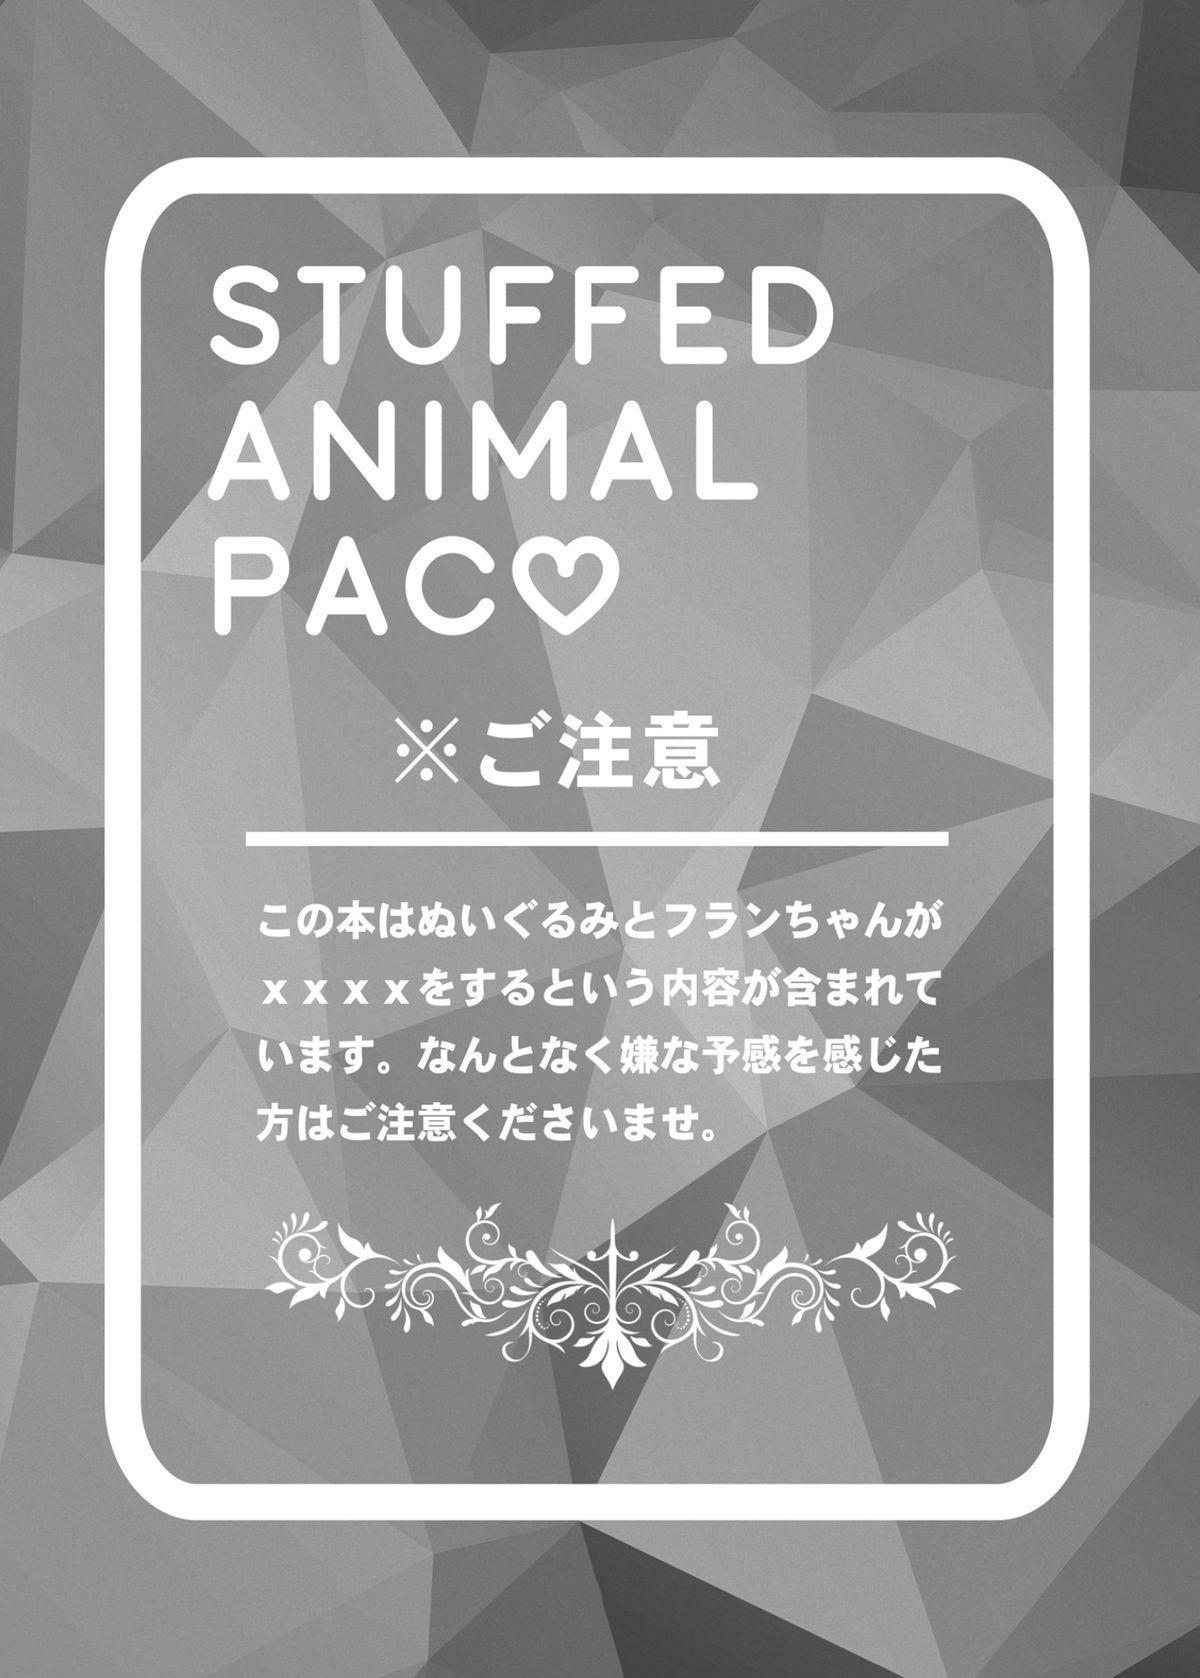 Stuffed Animal Paco 3